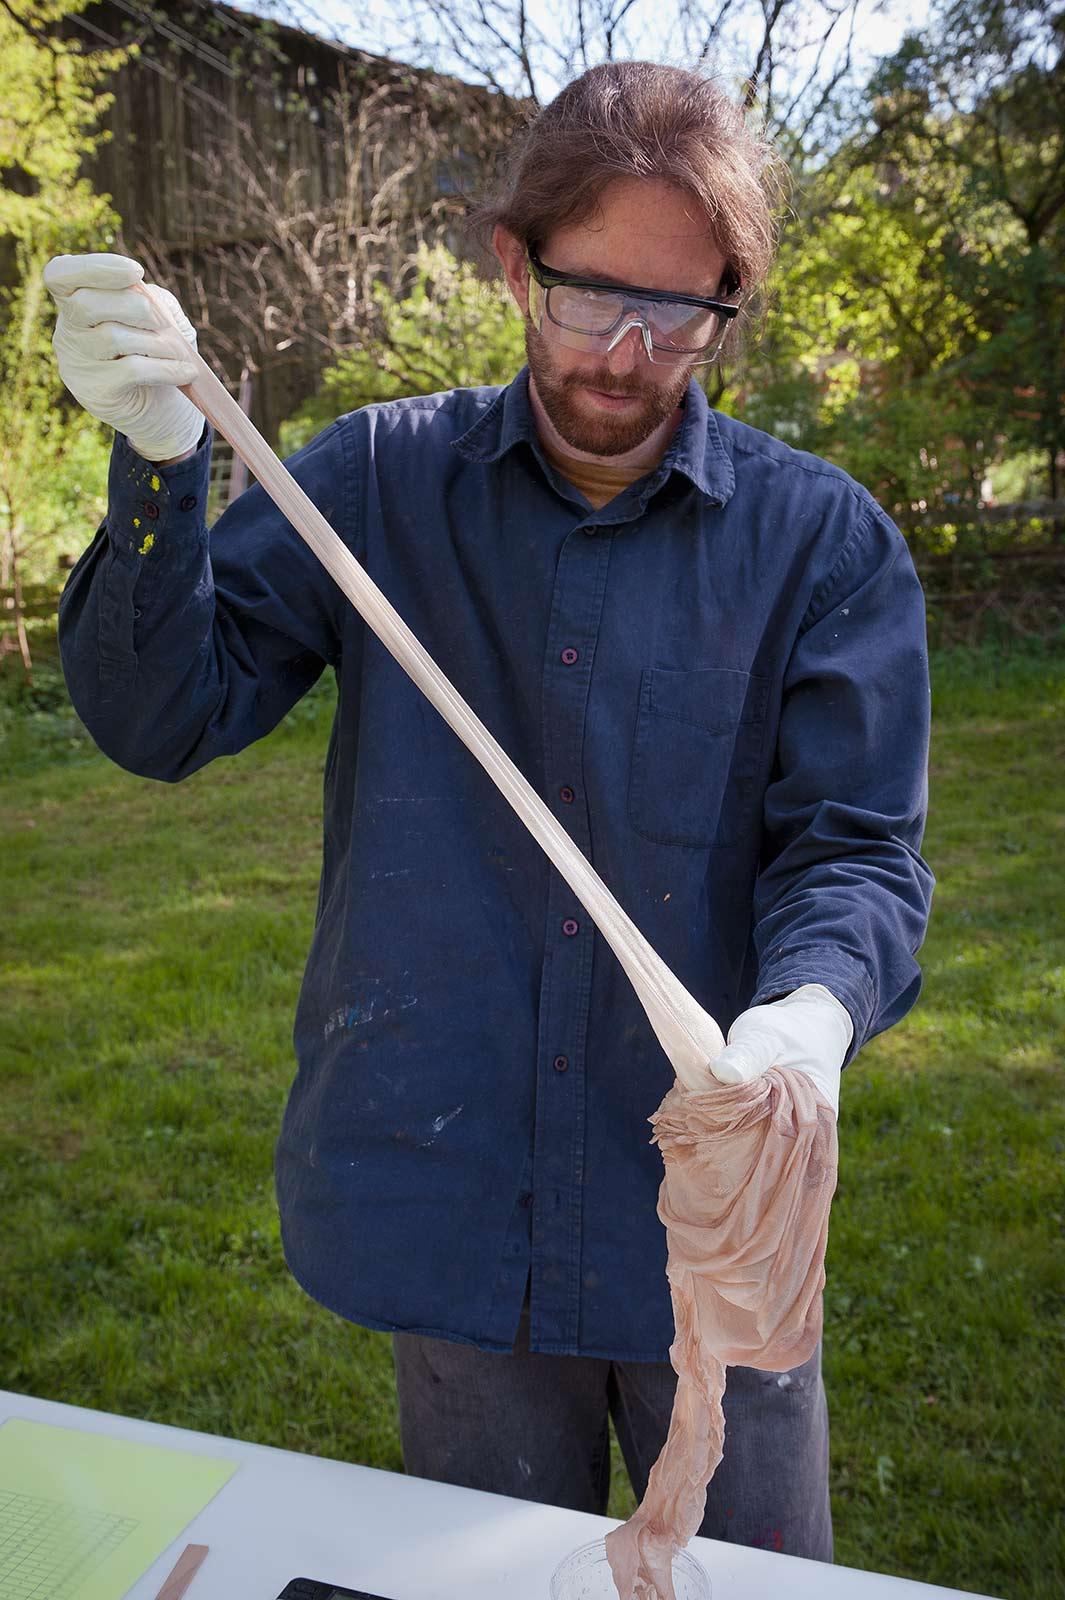 Fabian Matz präpariert ein Strumpf mit Epoxidharz für eine Installation am Kulturort Weiertal